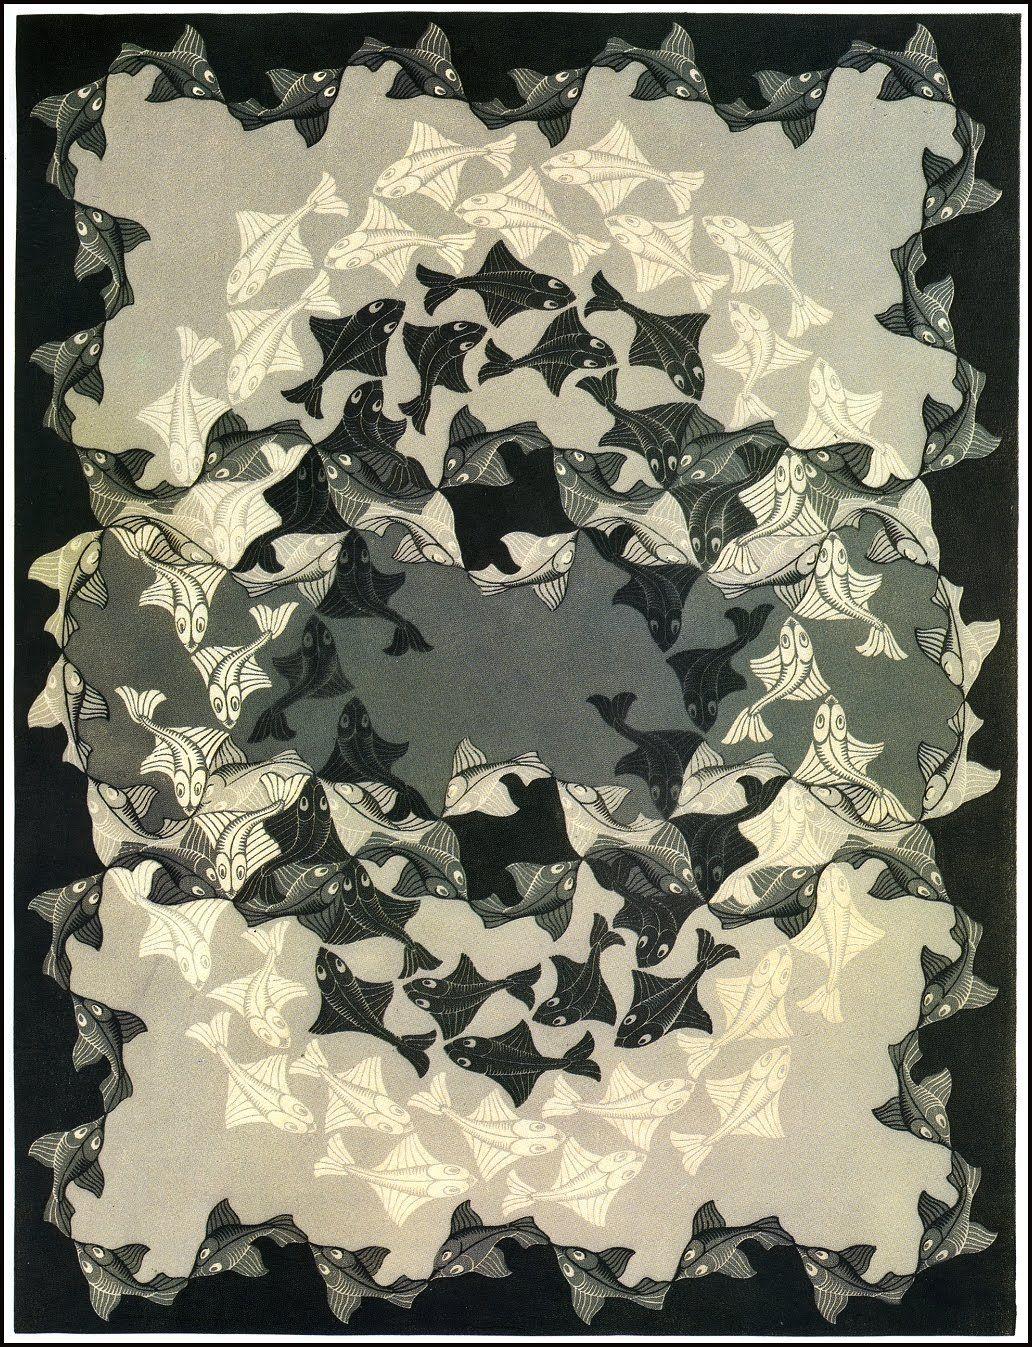 M C Escher | Optical Illusions, Op Art | Pinterest | Ilusiones ...